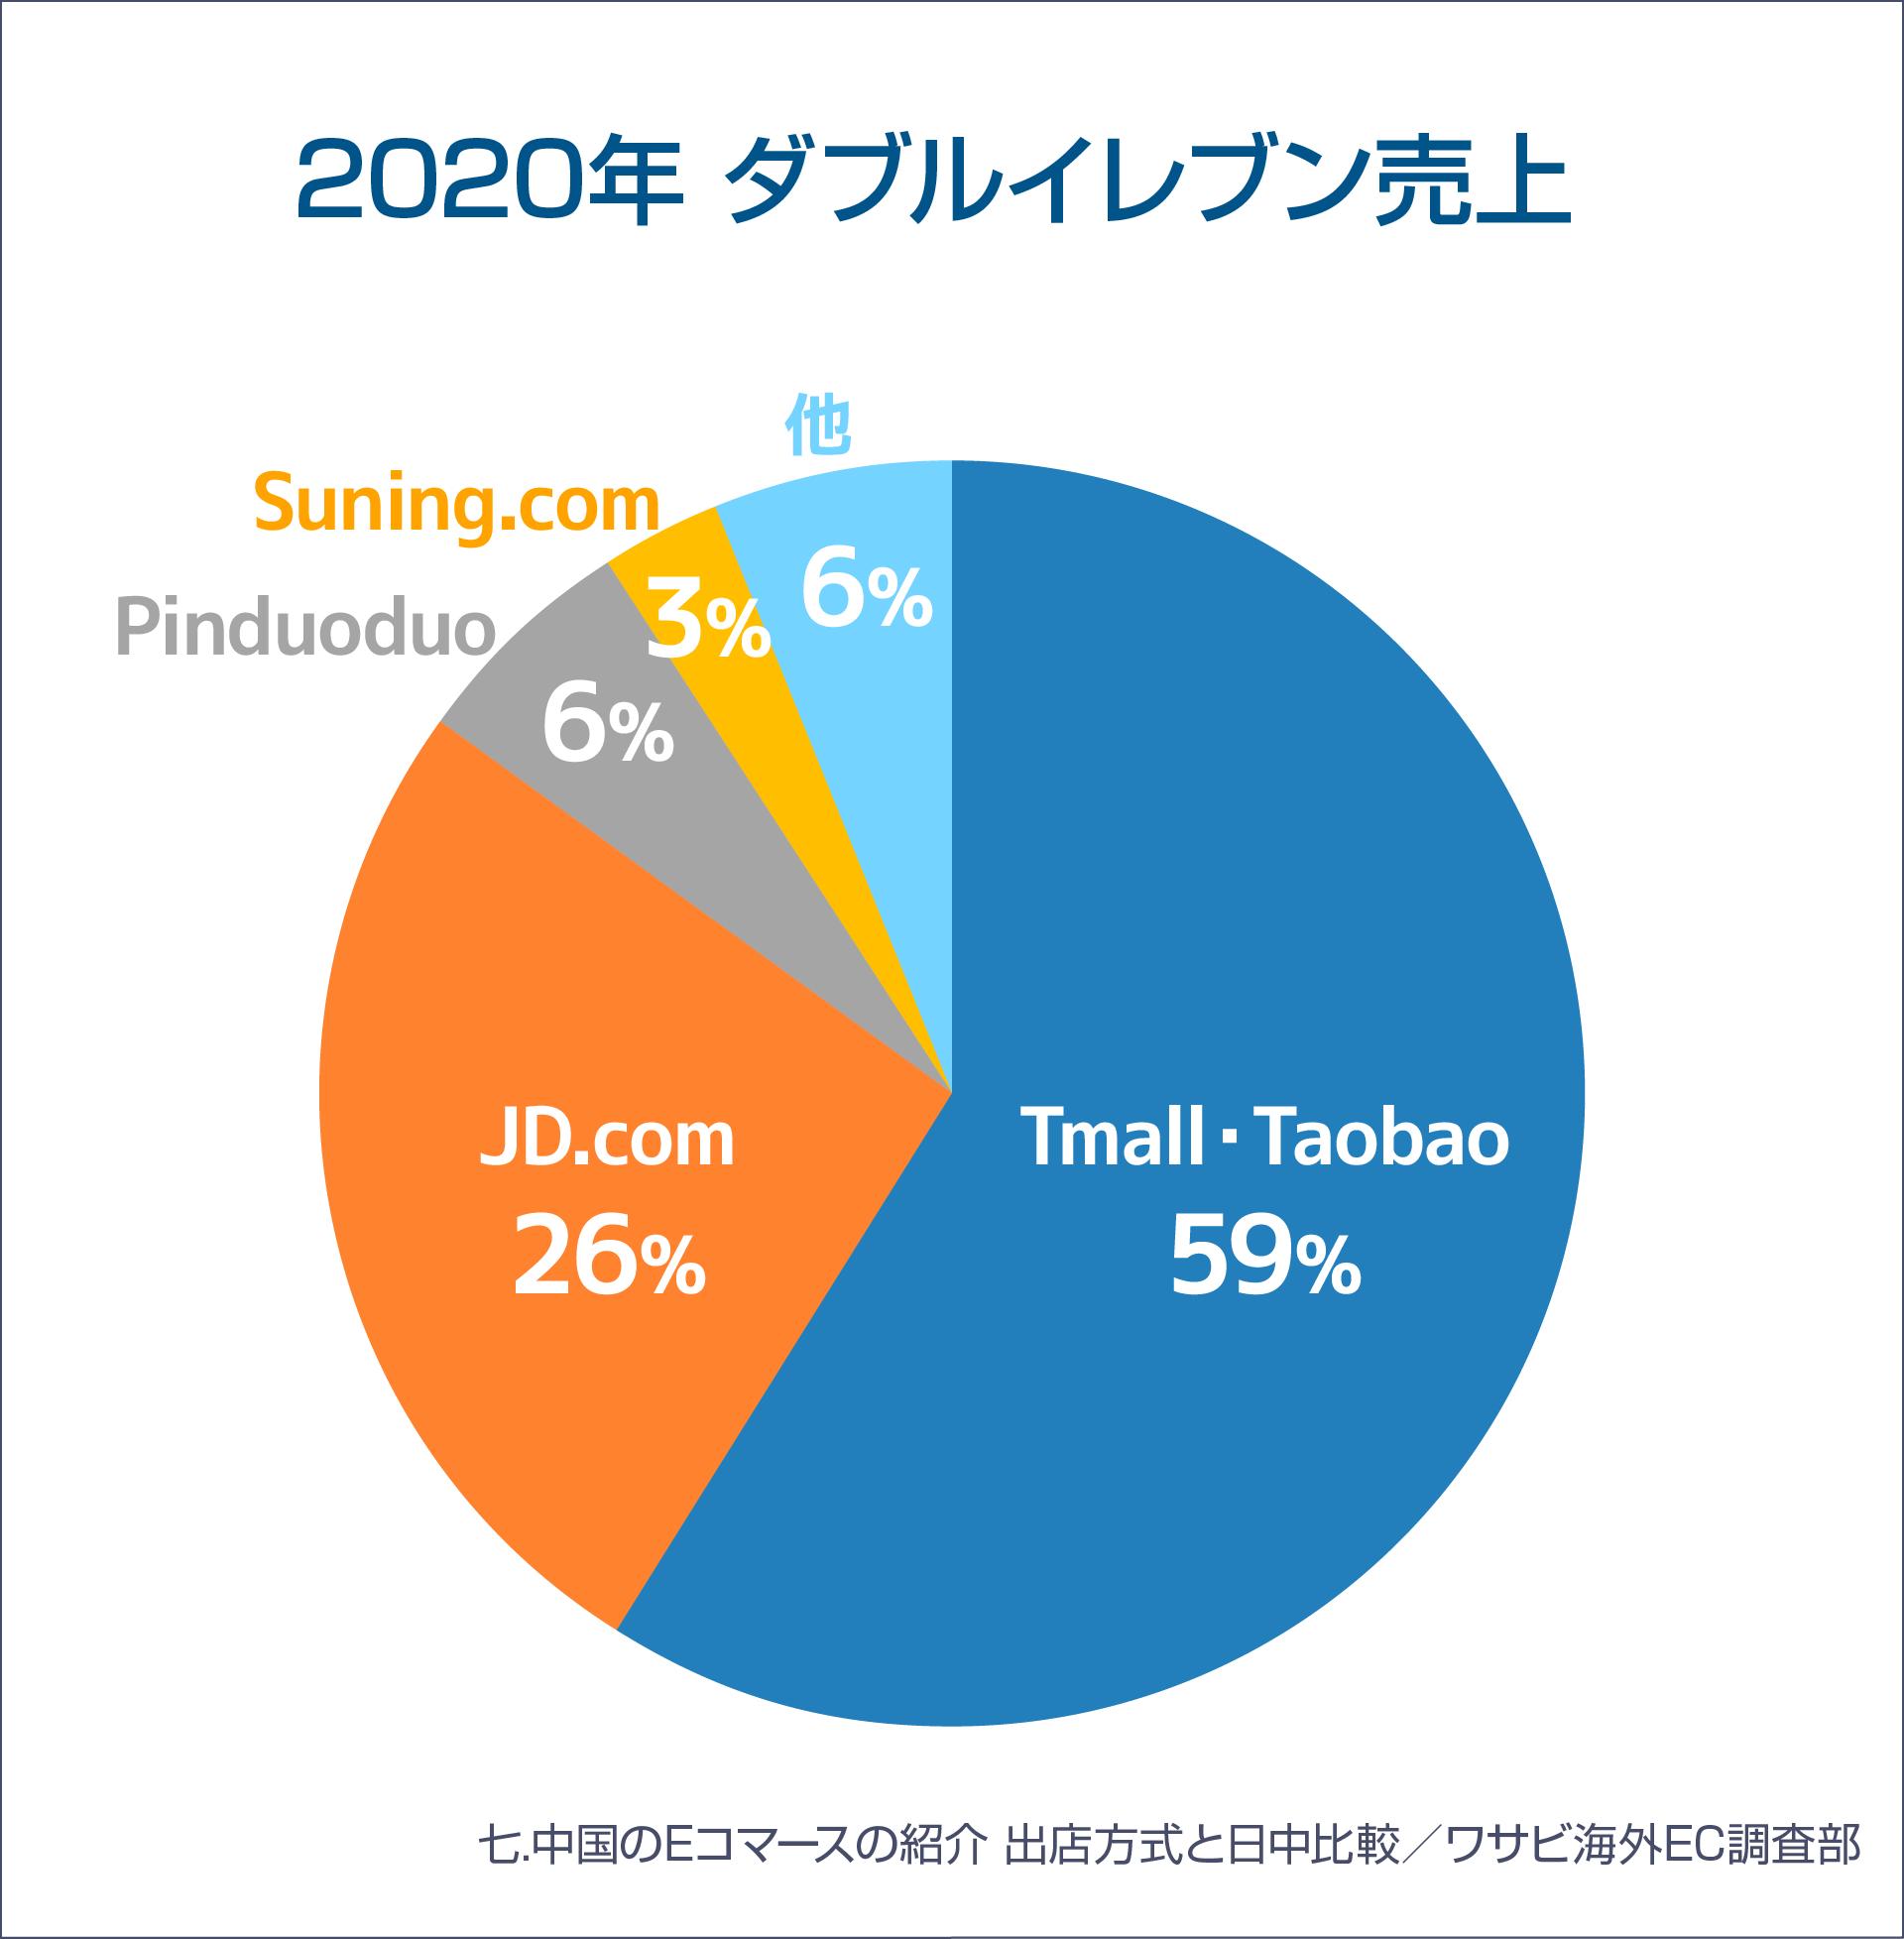 2020年ダブルイレブンを参考にした売上割合